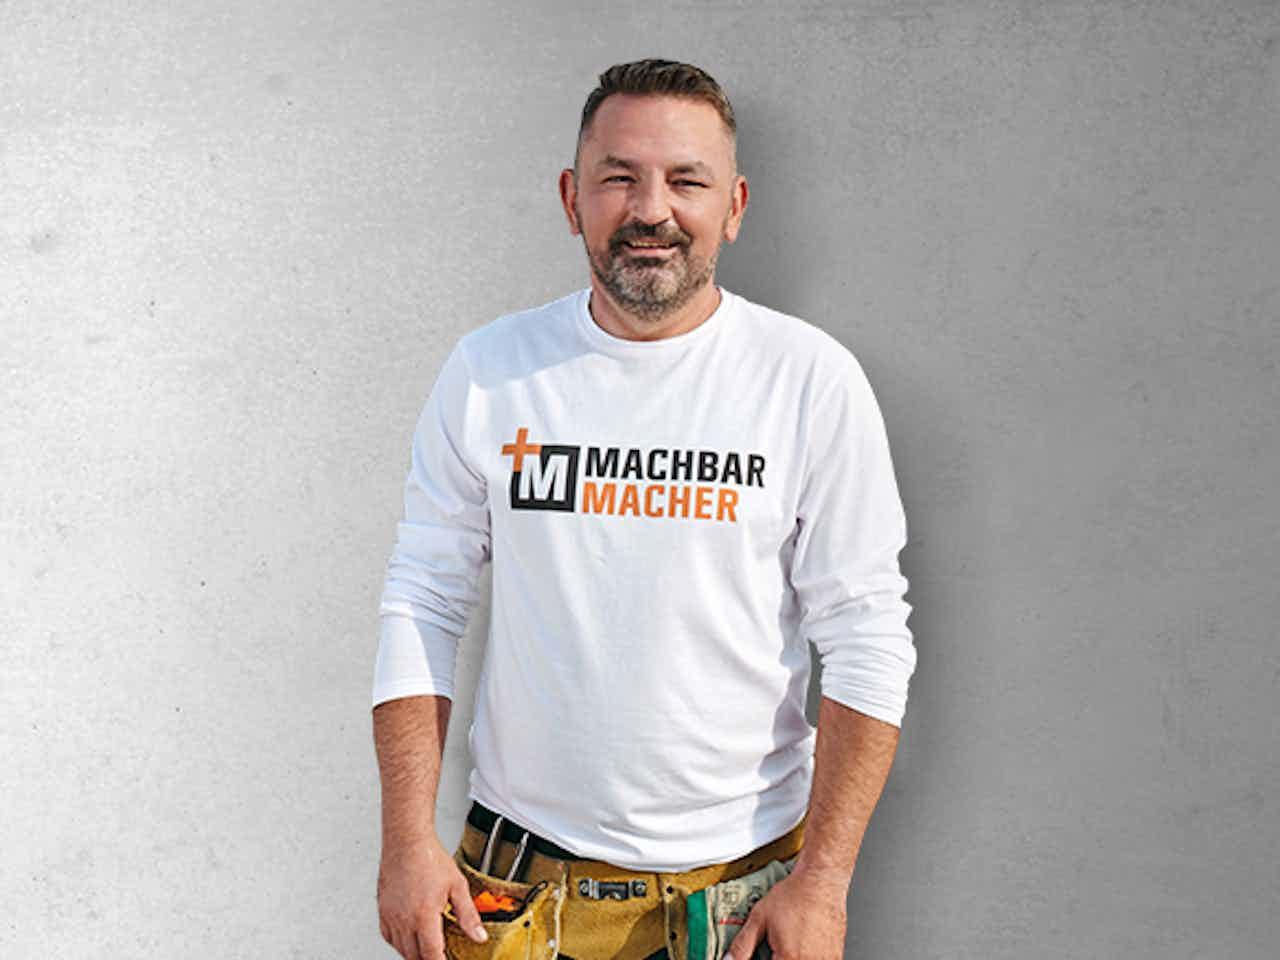 Handwerker aus dem MachbarMacher-Netzwerk OBI